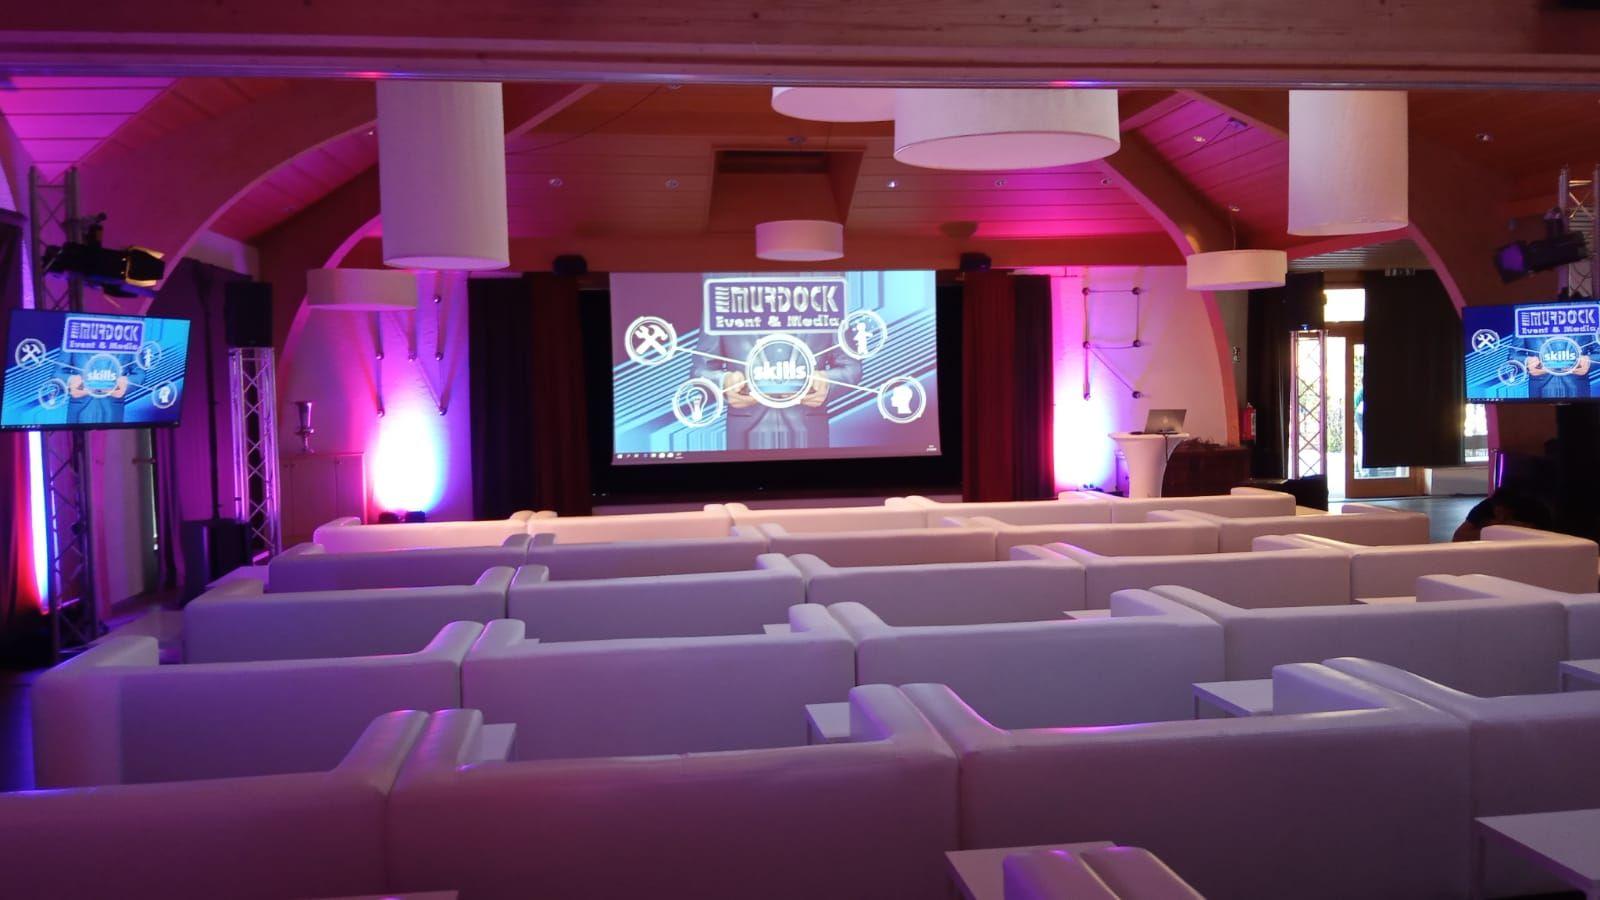 Veranstaltungstechnik Eventmanagement Medienproduktion Veranstaltung Planer Organisation Musik Studieren